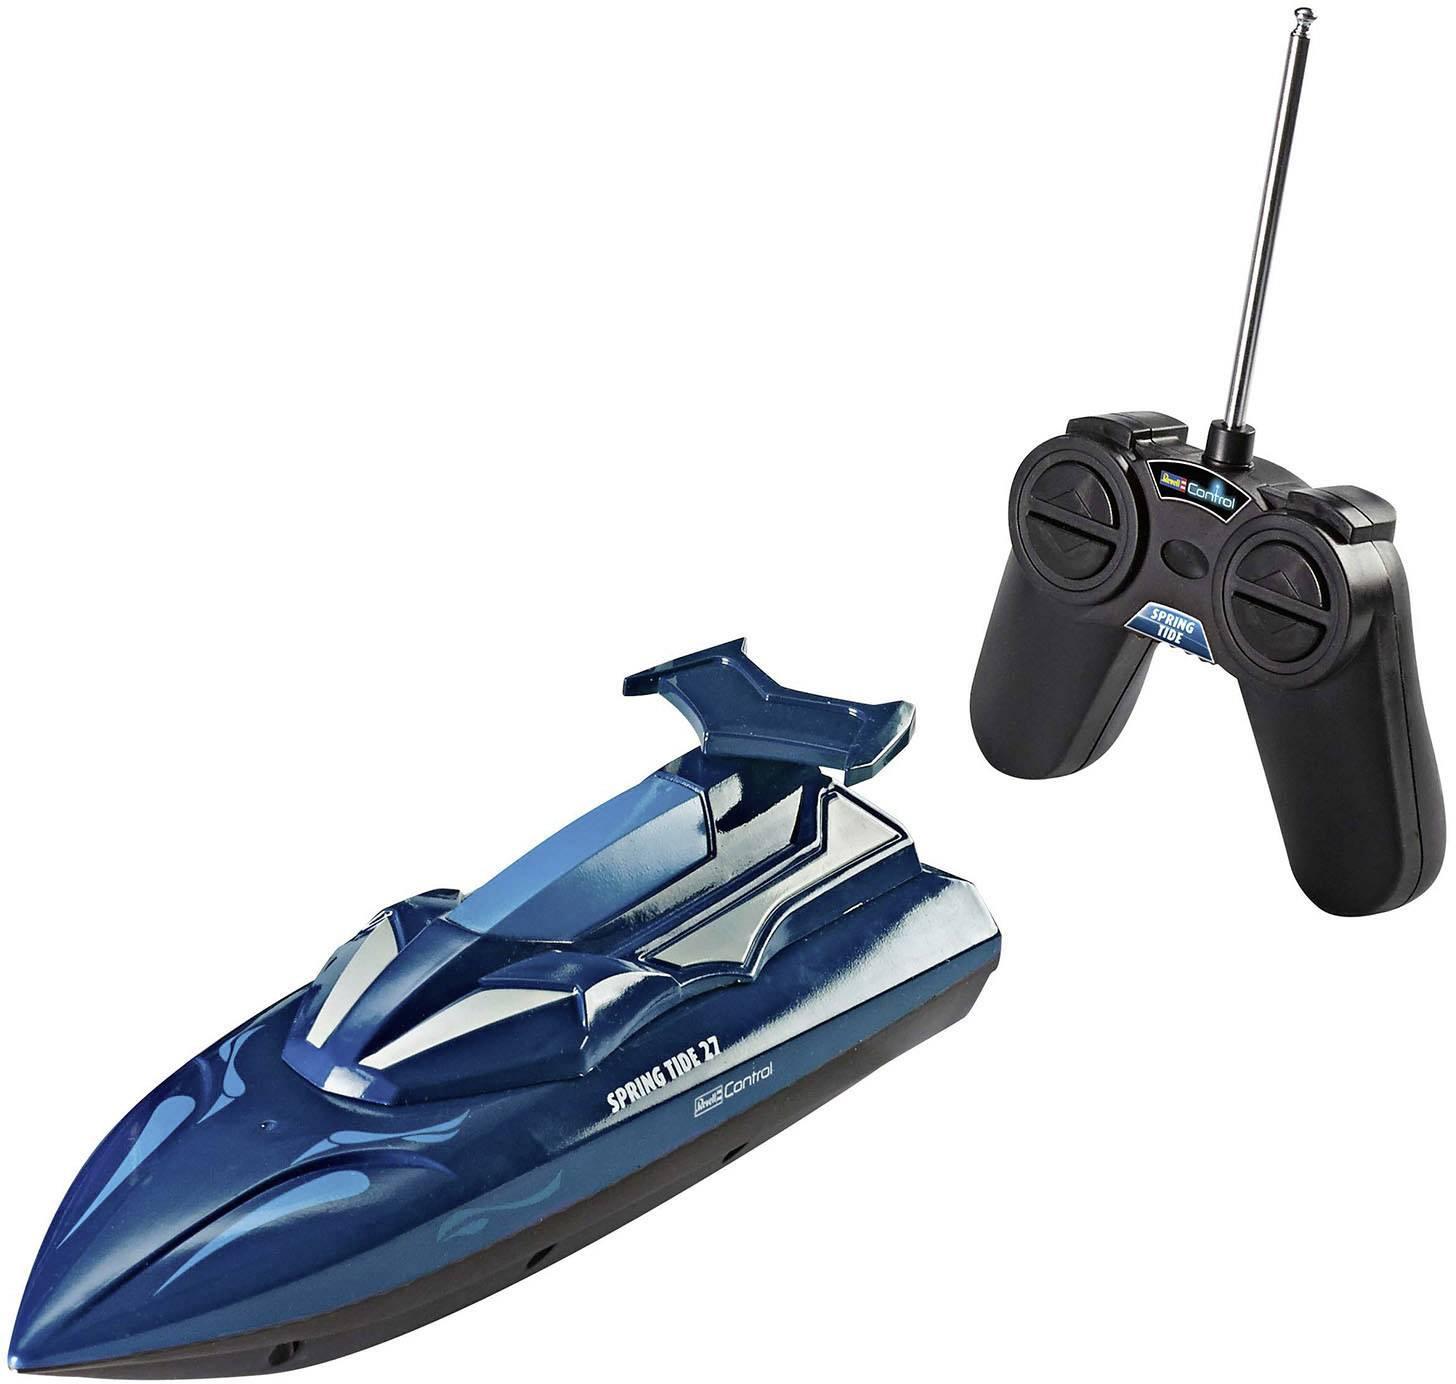 RC model motorového člunu pro začátečníky Revell Control Tide 40, 240 mm, RtR